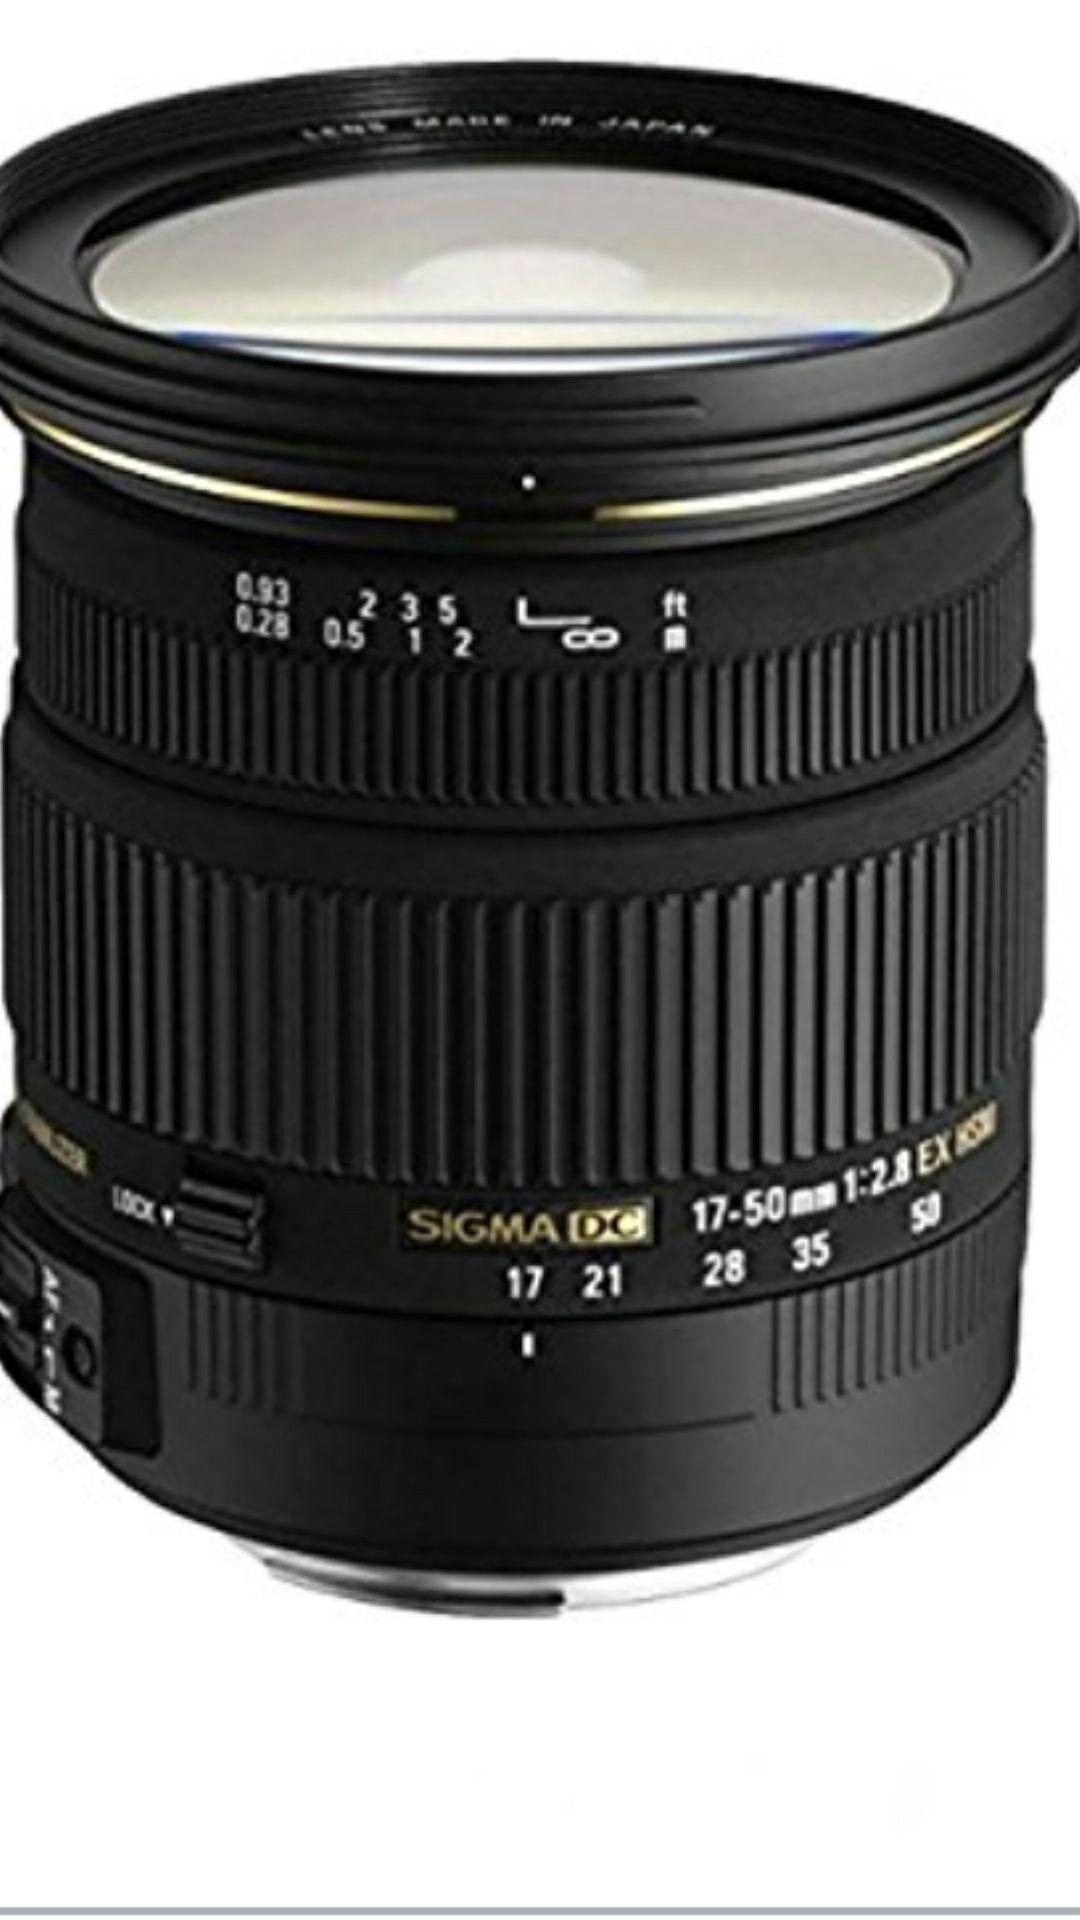 Sigma 17-50mm F2.8 EX DC HSM-Objektiv für Nikon und Canon